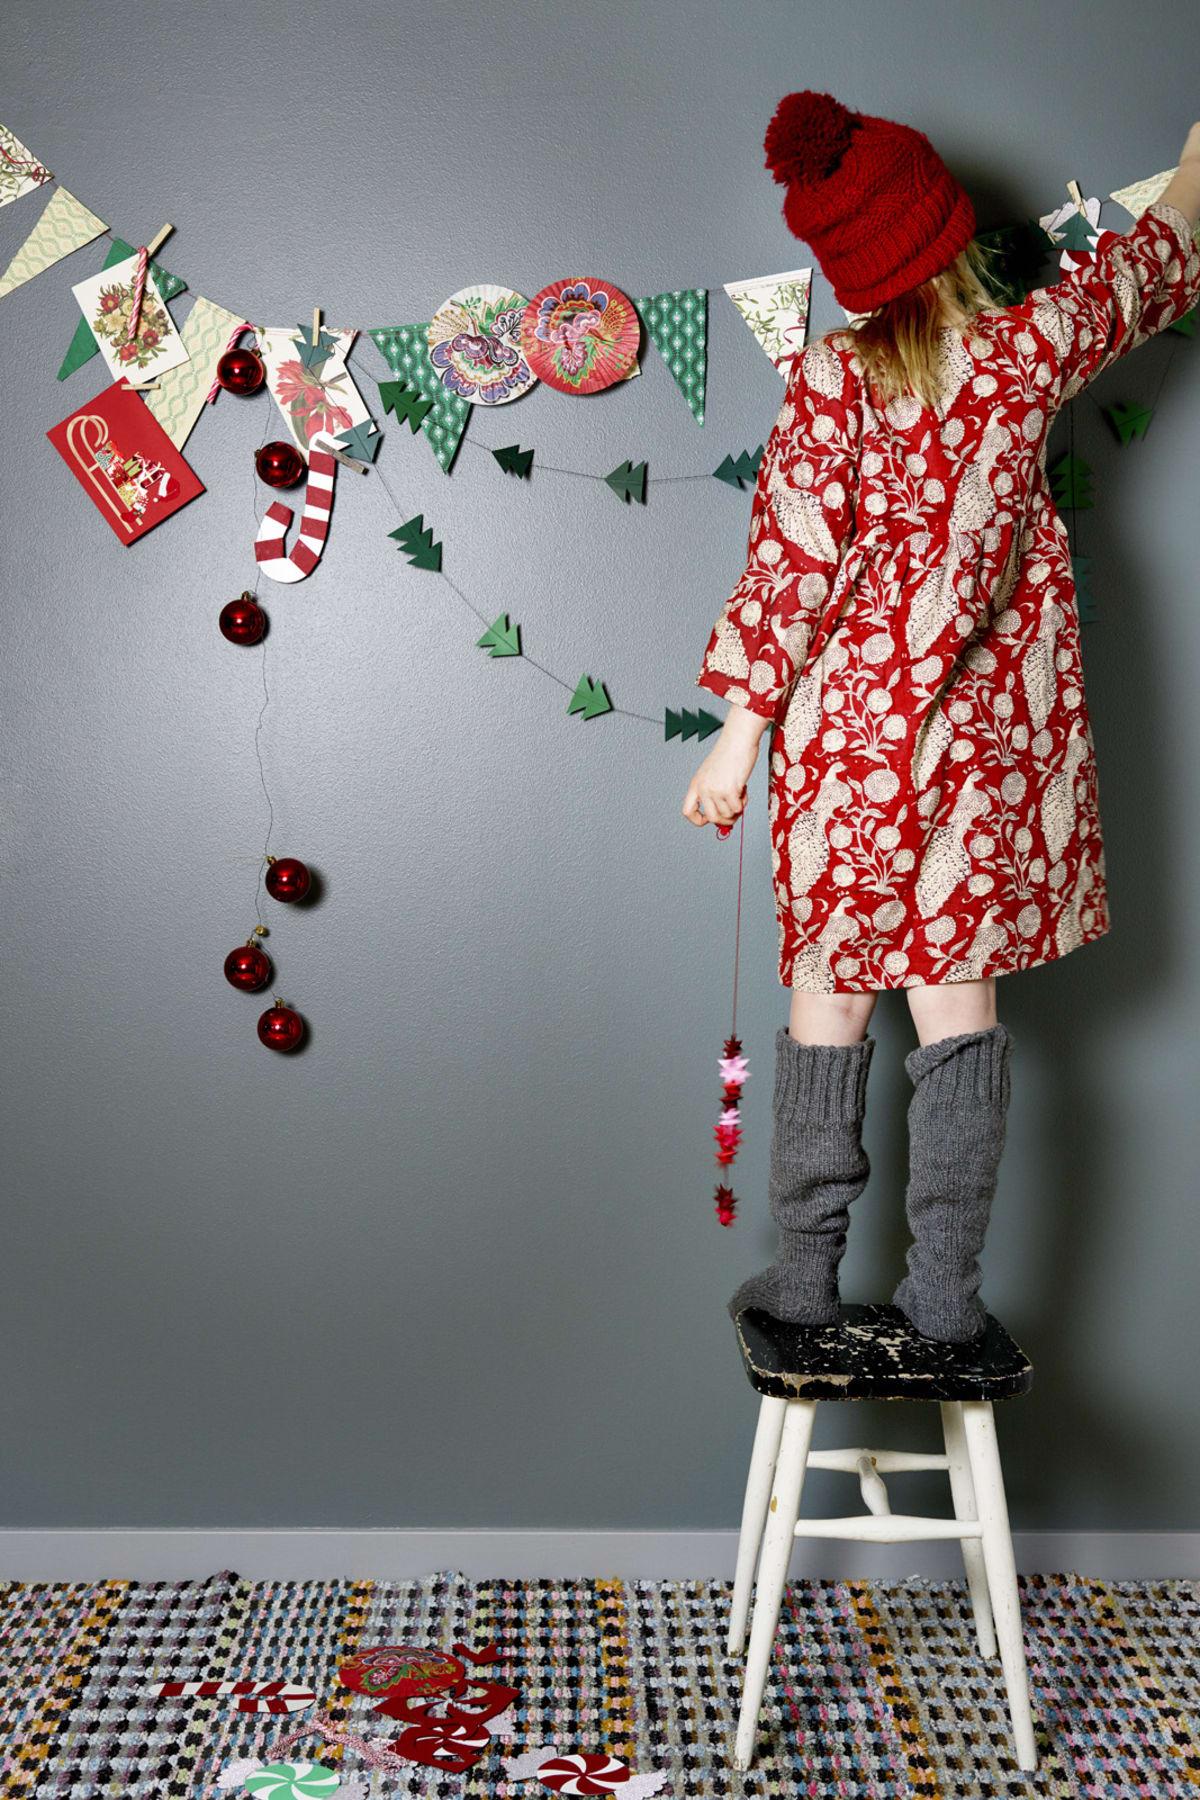 Ta vara på presentpapper och gamla julkort och gör din egna girlang att dekorera väggen med. Klipp till vimplar, varva gärna i olika storlekar också, som du lätt klipper till av fint mönstrat omslagspapper. Detta från Bungalow, 40 kr/ rullen. Klipp till små minigranar i grönt presentpapper. Julkulor som girlang gör du lätt med att trä samman med ståltråd. Ullsockar, Nordiska Ullmärken, 149 kr. Klänning, Pierrotla Lune. Agatha Dress red peacock. Mössa handstickad. Pall och trasmatta, loppisfynd.